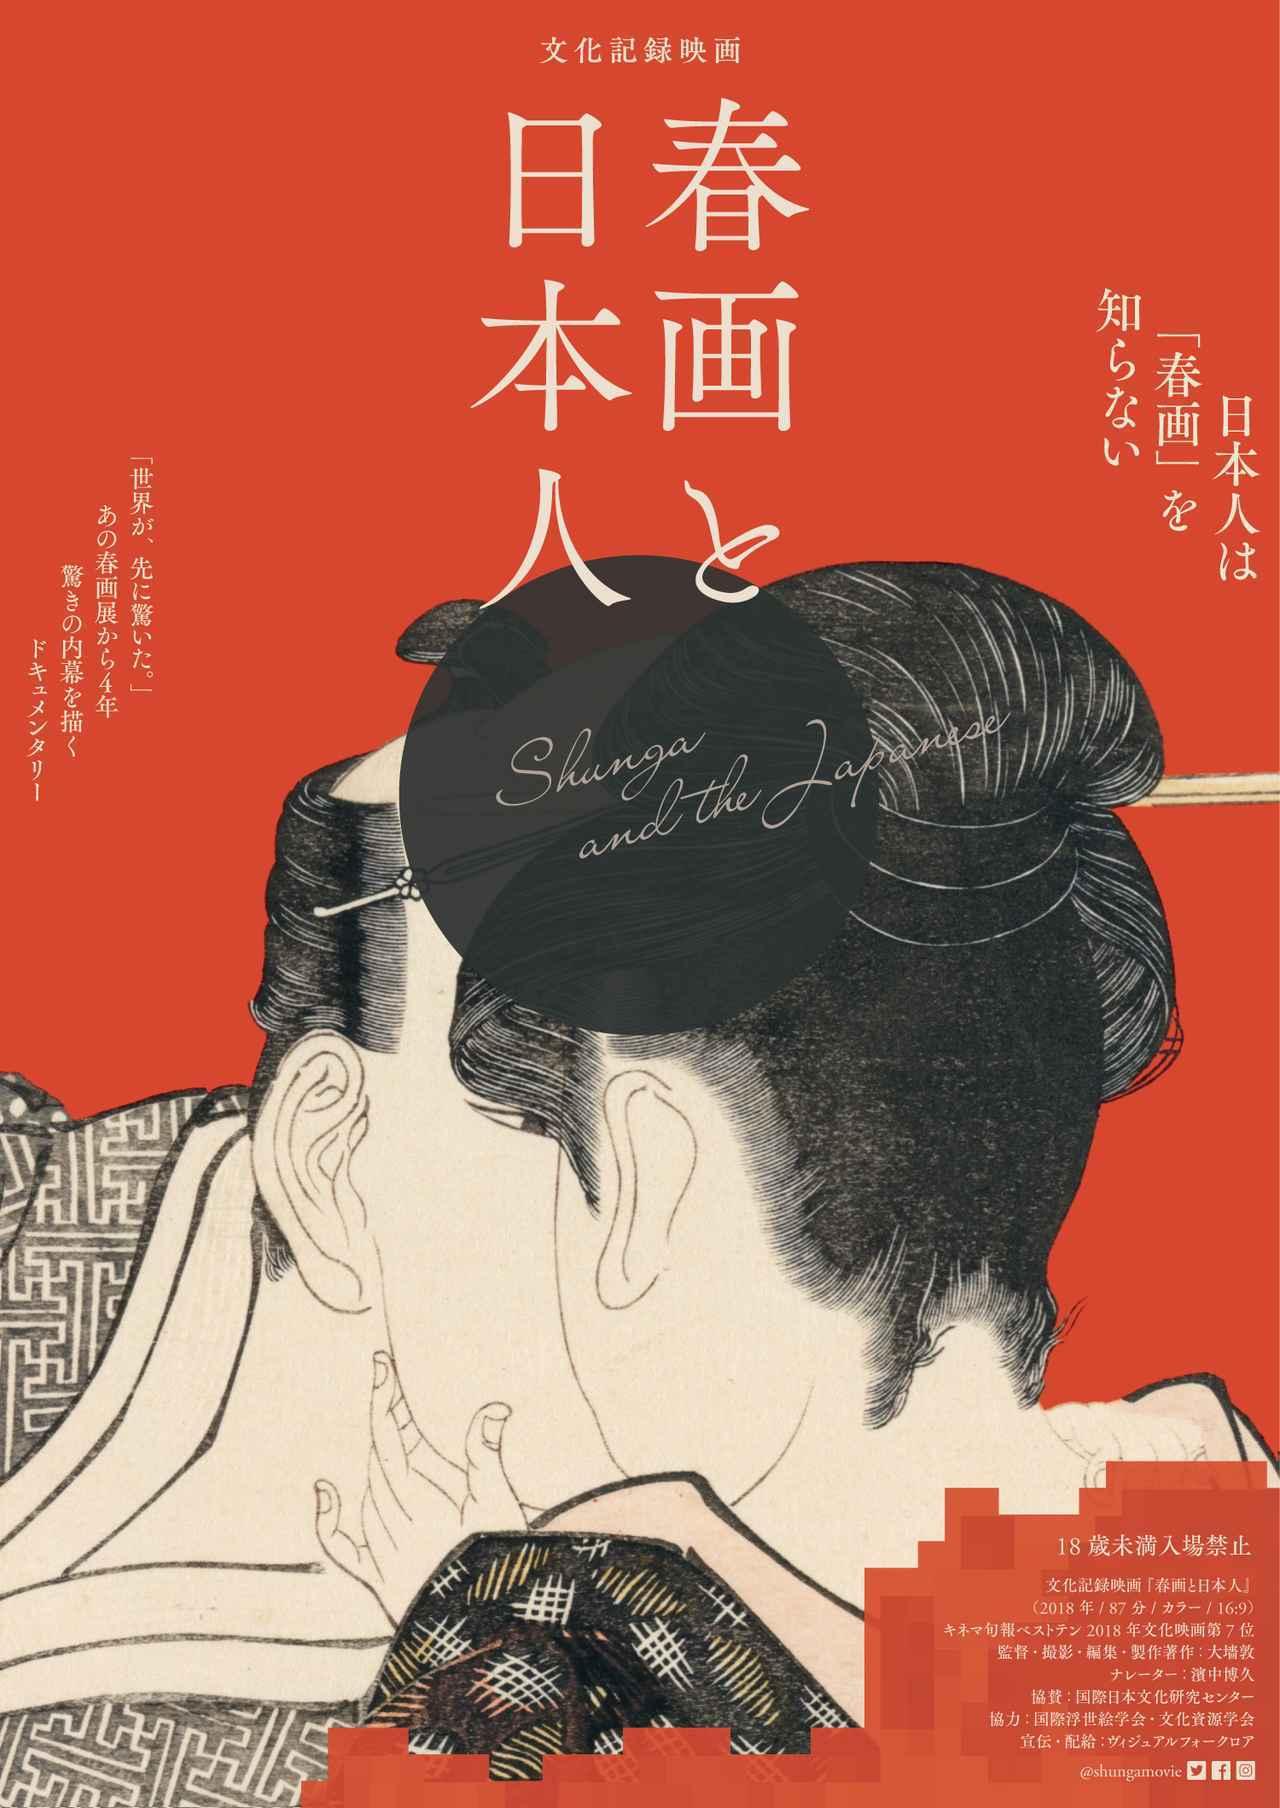 画像2: 北斎・歌麿・師宣も描いた「春画」 その名作が展示できない!? 表現物の展示と自主規制問題に迫るドキュメンタリー『春画と日本人』